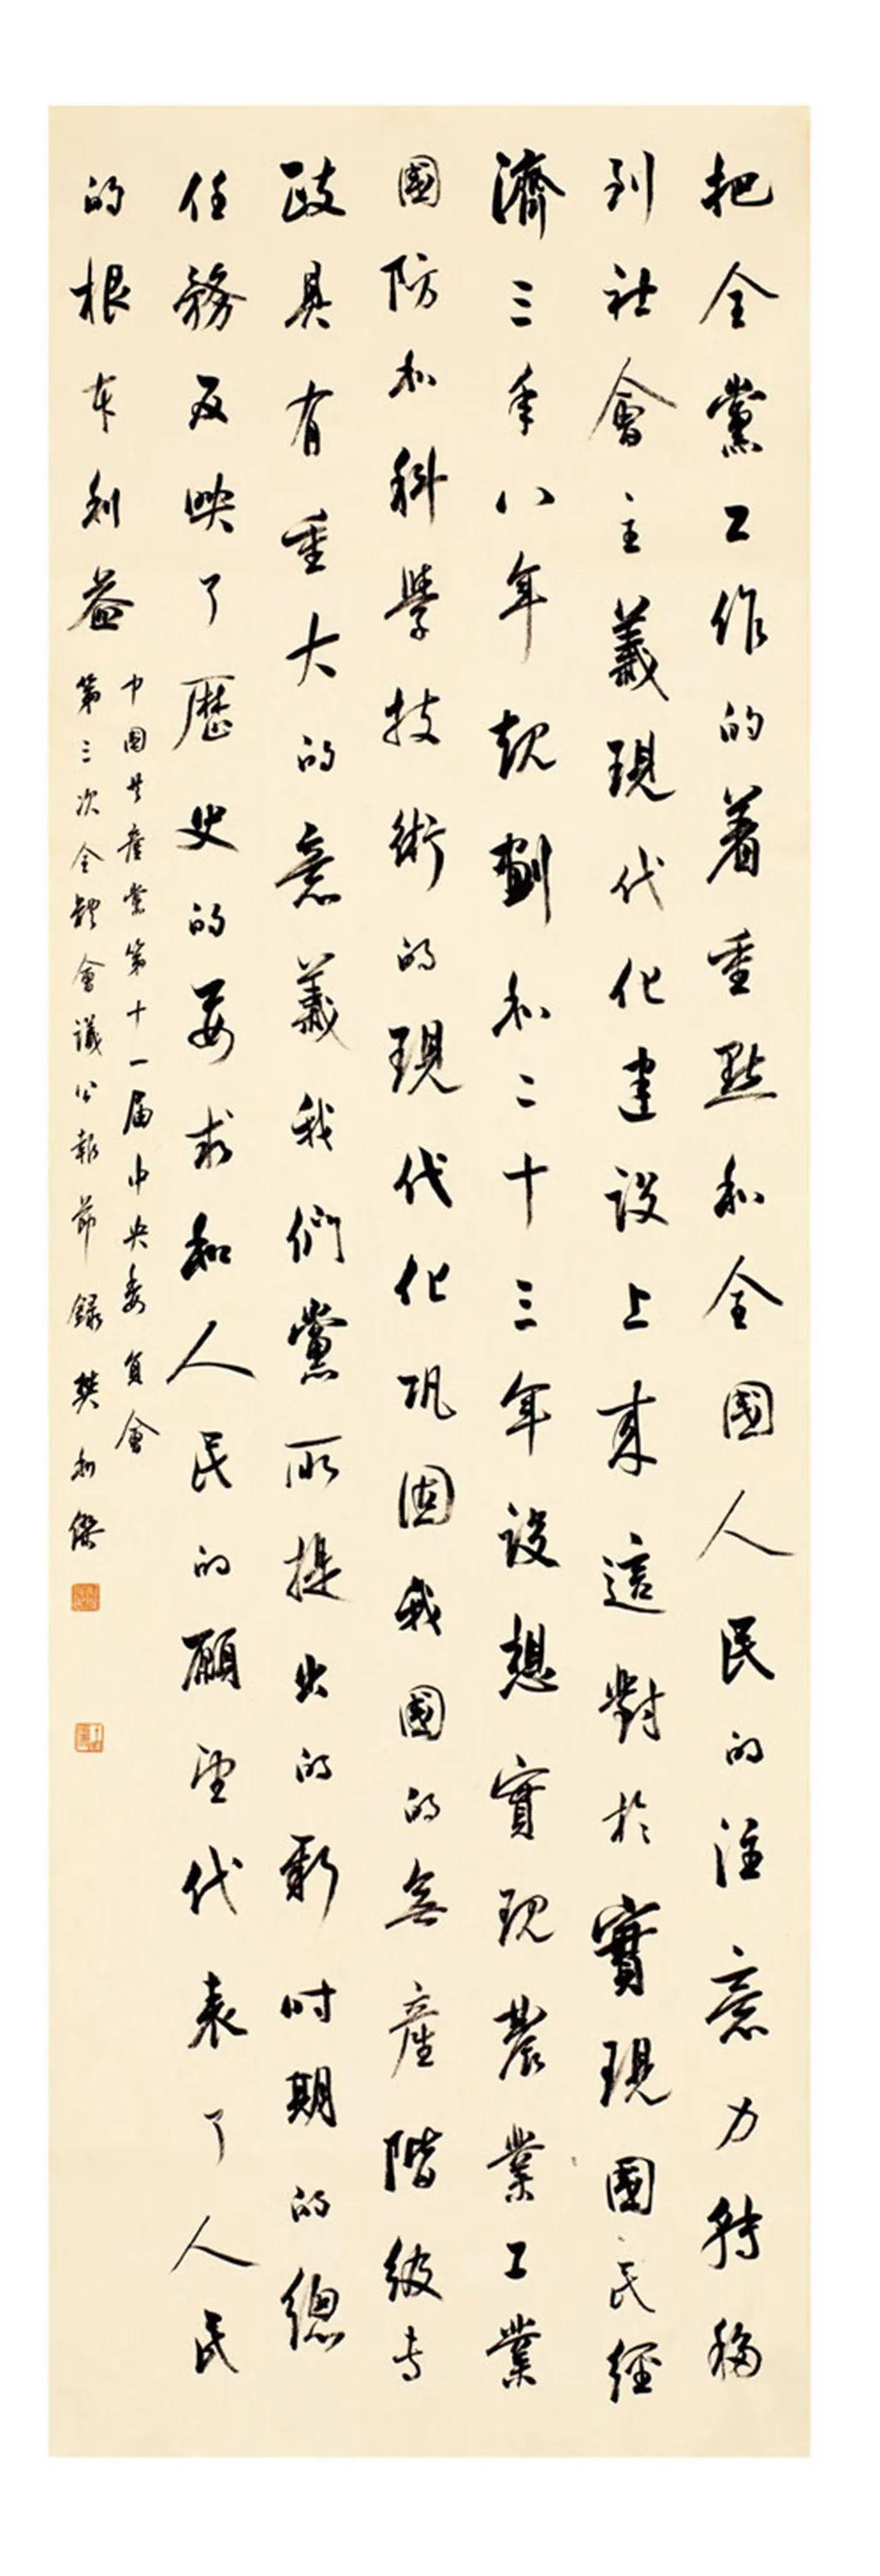 中国力量——全国扶贫书法大展作品 | 第一篇章 :人民至上(图17)